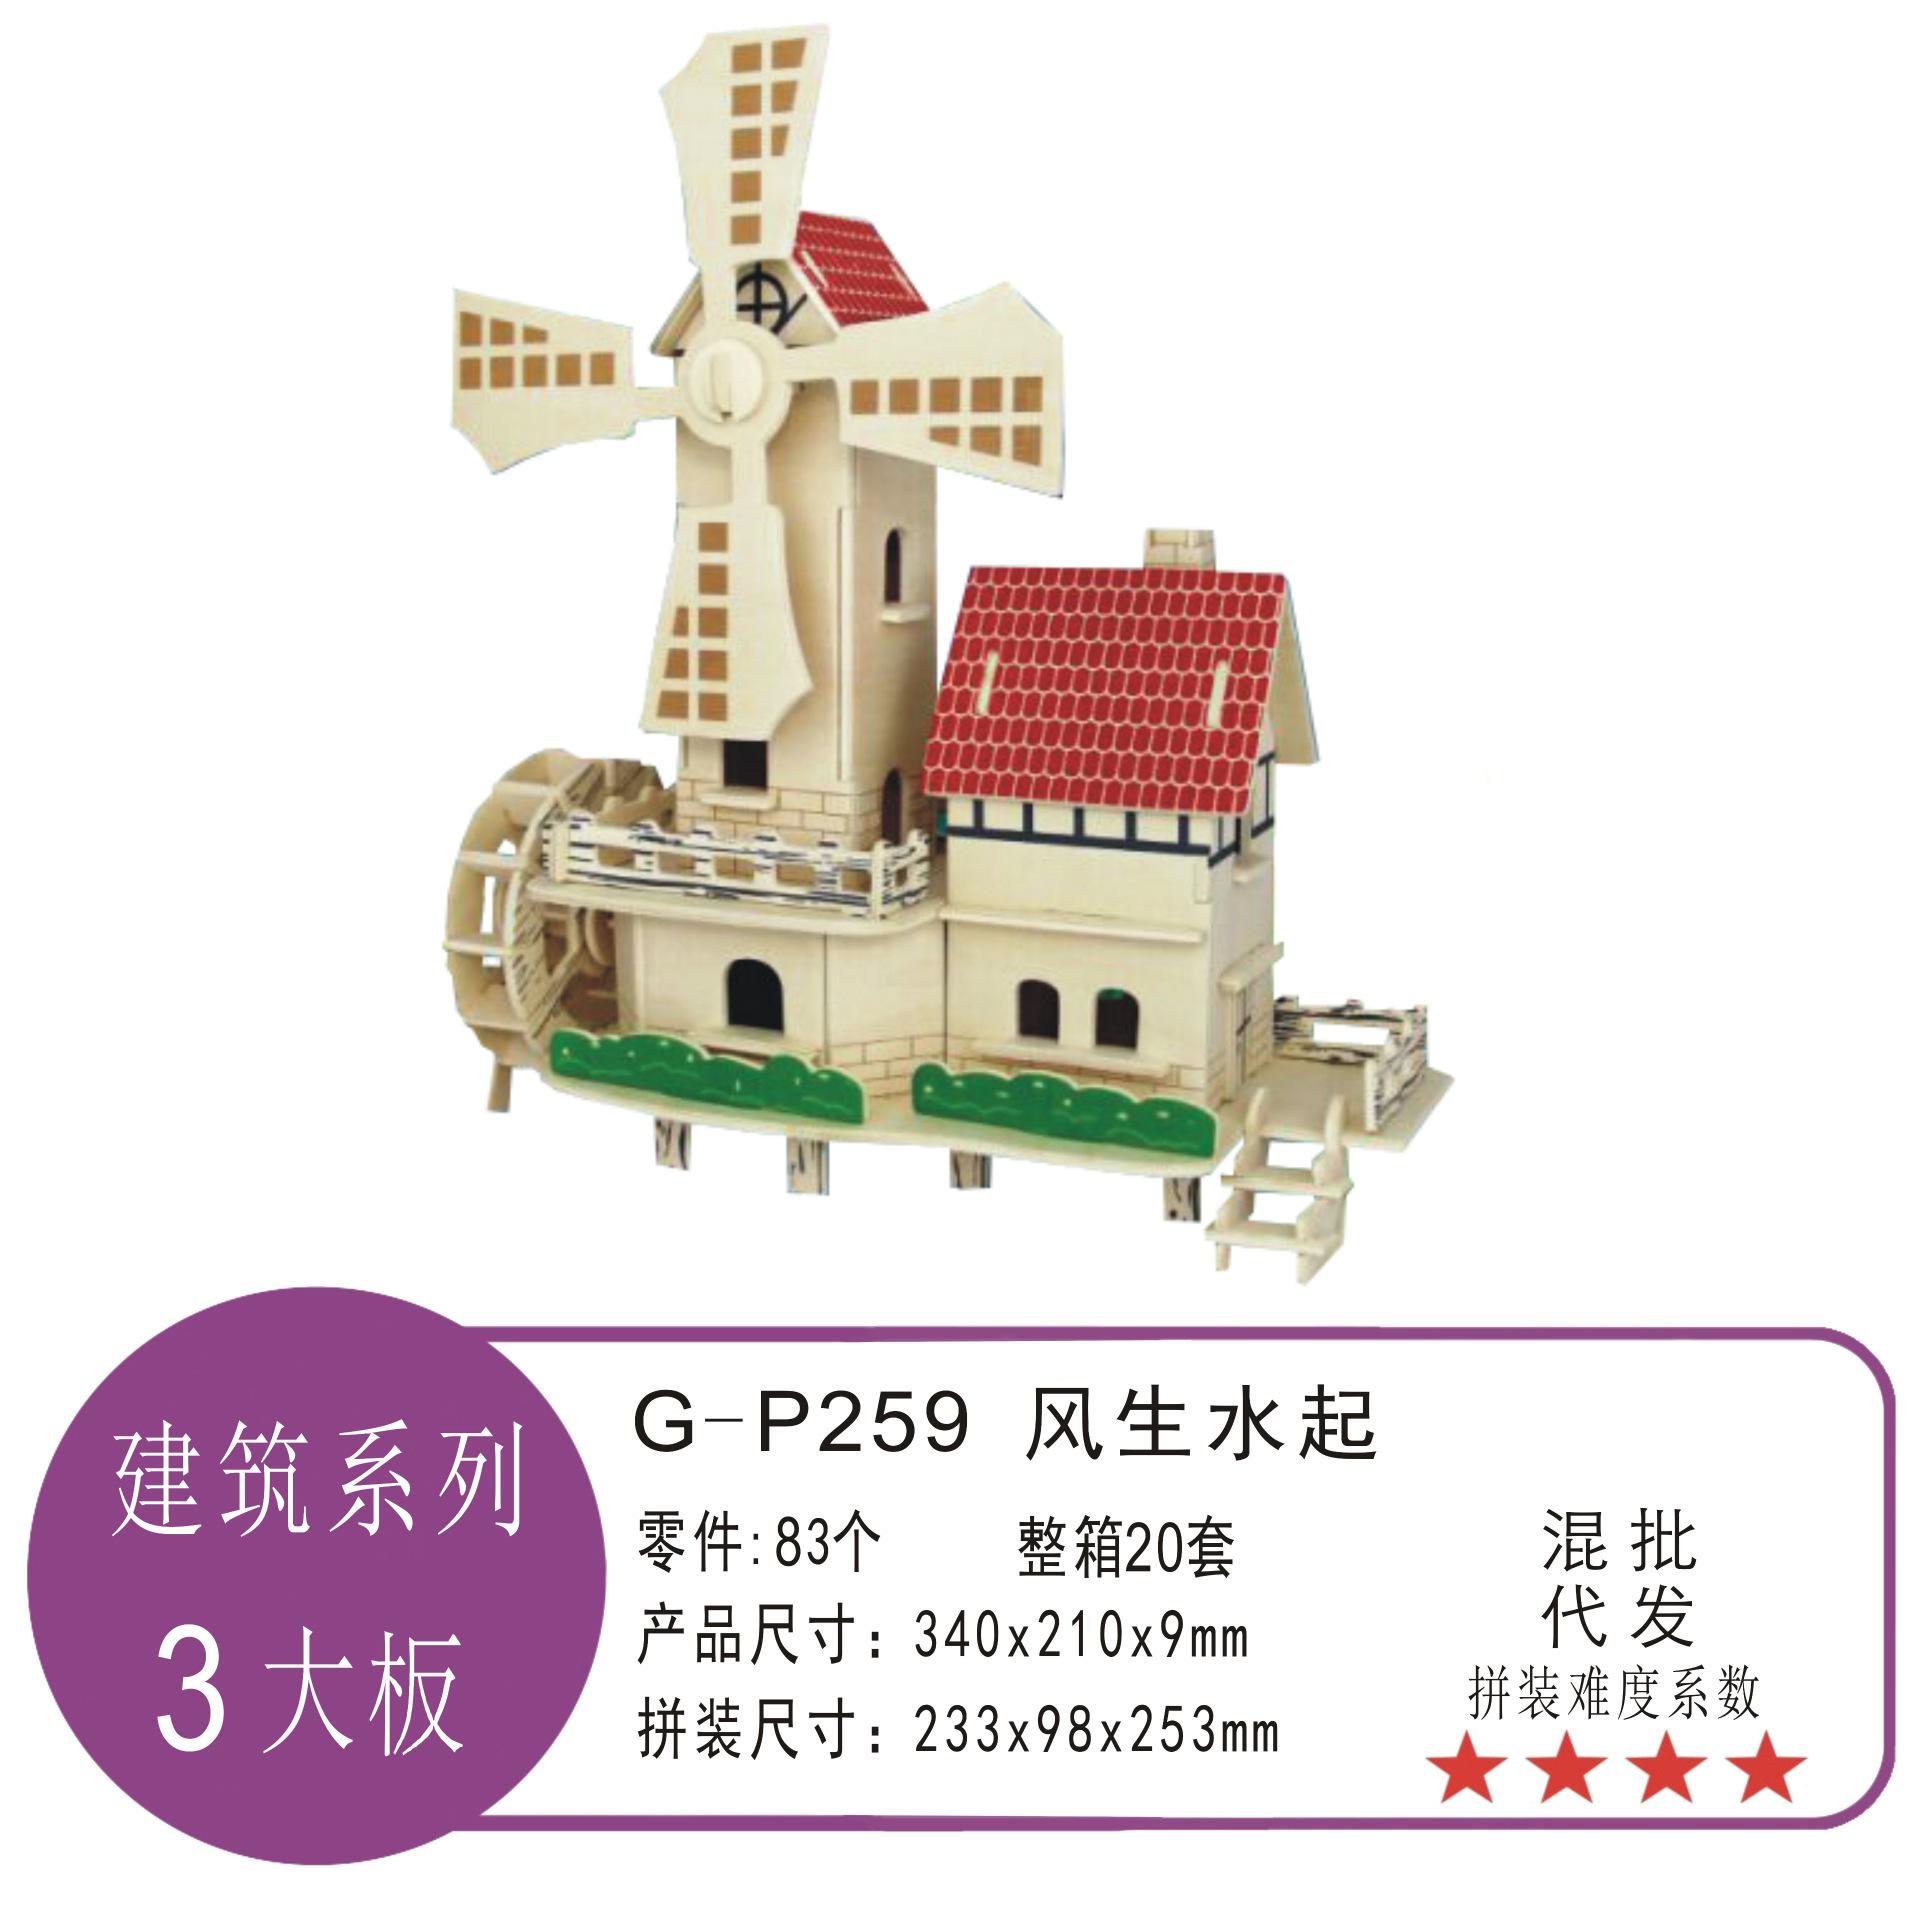 风生水起 底价促销 送广告录音  3D木制立体拼图拼板 DIY益智玩具